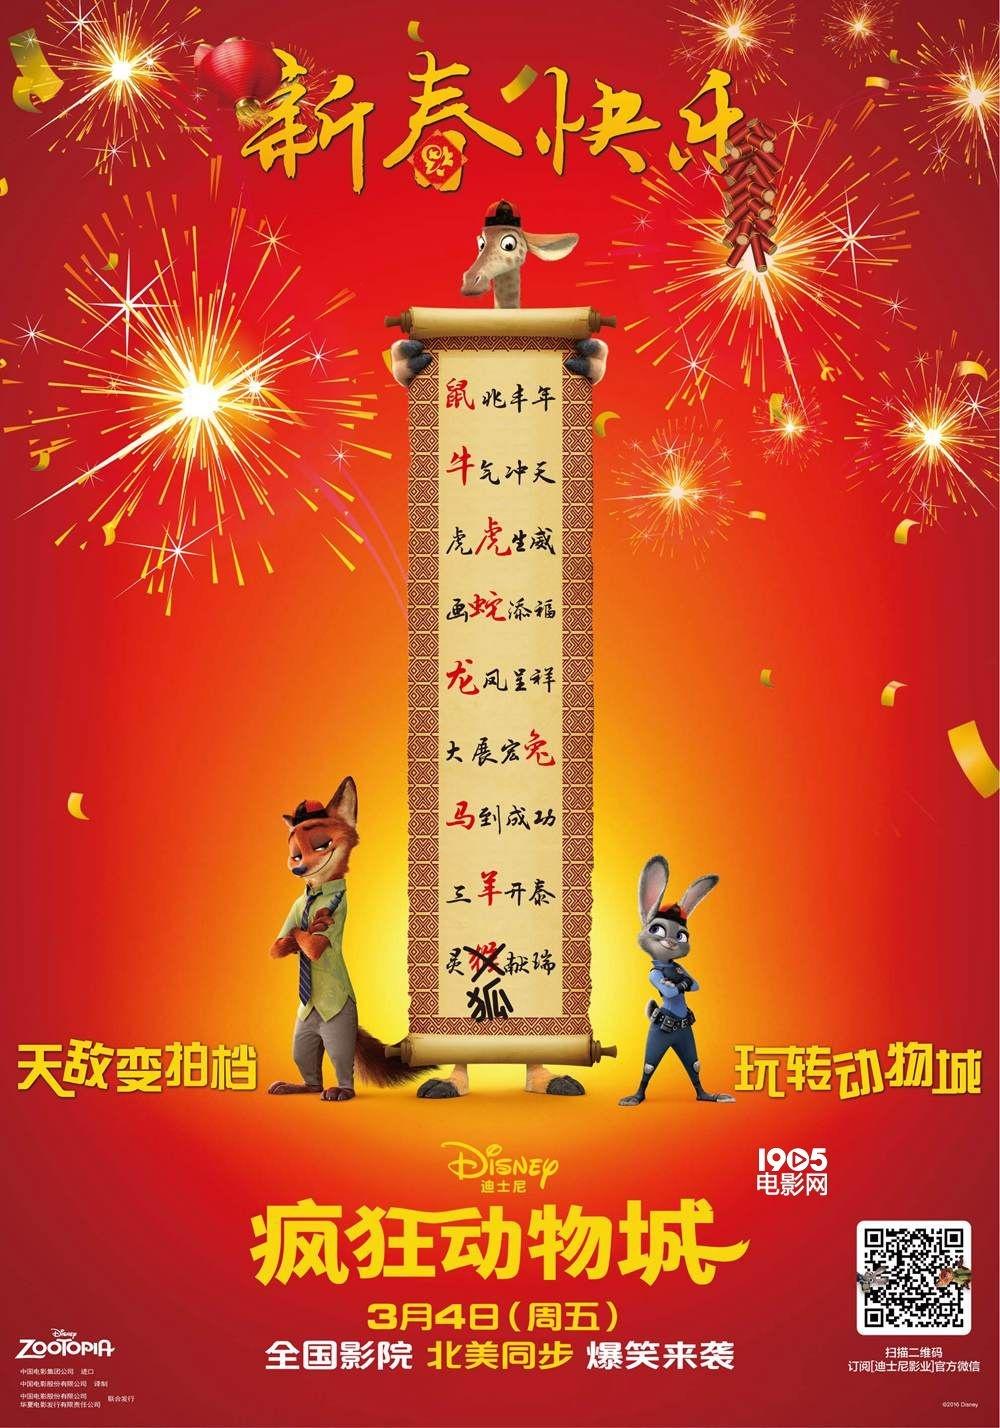 """1905电影网讯 《疯狂动物城》即将于3月4日与北美同步上映,为了迎接即将到来的中国春节,片方今日特别发布一系列新春版电影海报庆祝,;同时新版预告片也一并曝光,树懒公务员办公效率""""神速""""抢镜。 2月3日影片为了迎接春节,特别制作并发布一系列新春海报,片中主角们纷纷装点上中国年的元素,为中国观众大送祝福。而最妙的是这系列海报大玩文字游戏,将海报上的角色与新春祝语相关联——比如兔朱迪送上的祝福是""""大展宏兔""""、豹警官是""""招财"""